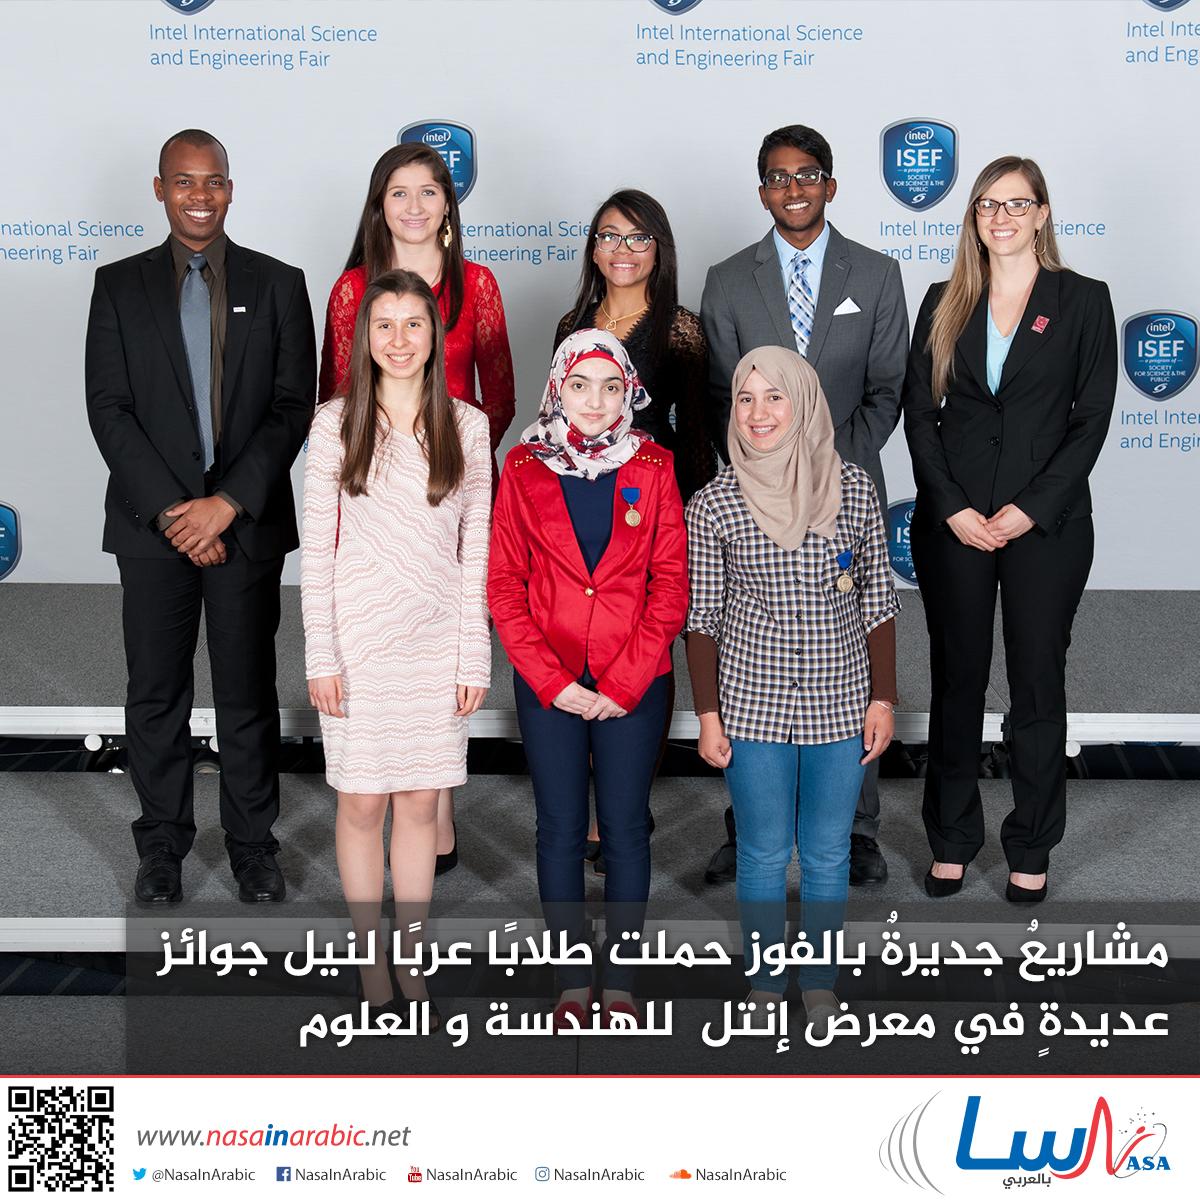 مشاريع جديرة بالفوز حملت طلابًا عربًا لنيل جوائز عديدة في معرض إنتل للهندسة والعلوم